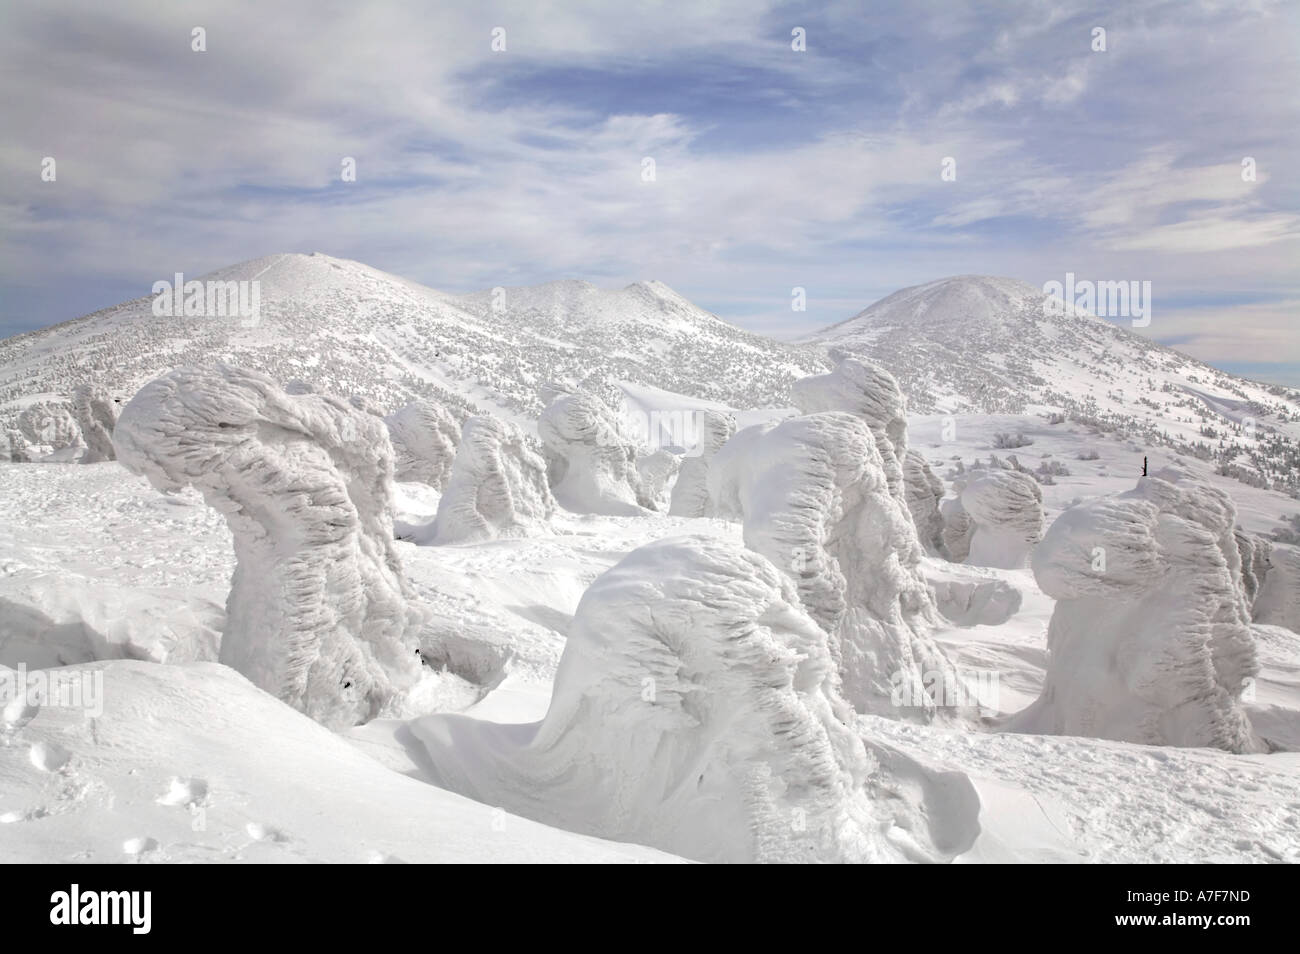 Los monstruos de nieve - Los Árboles con nieve congelada en invierno en el monte Hakkoda Japón Foto de stock